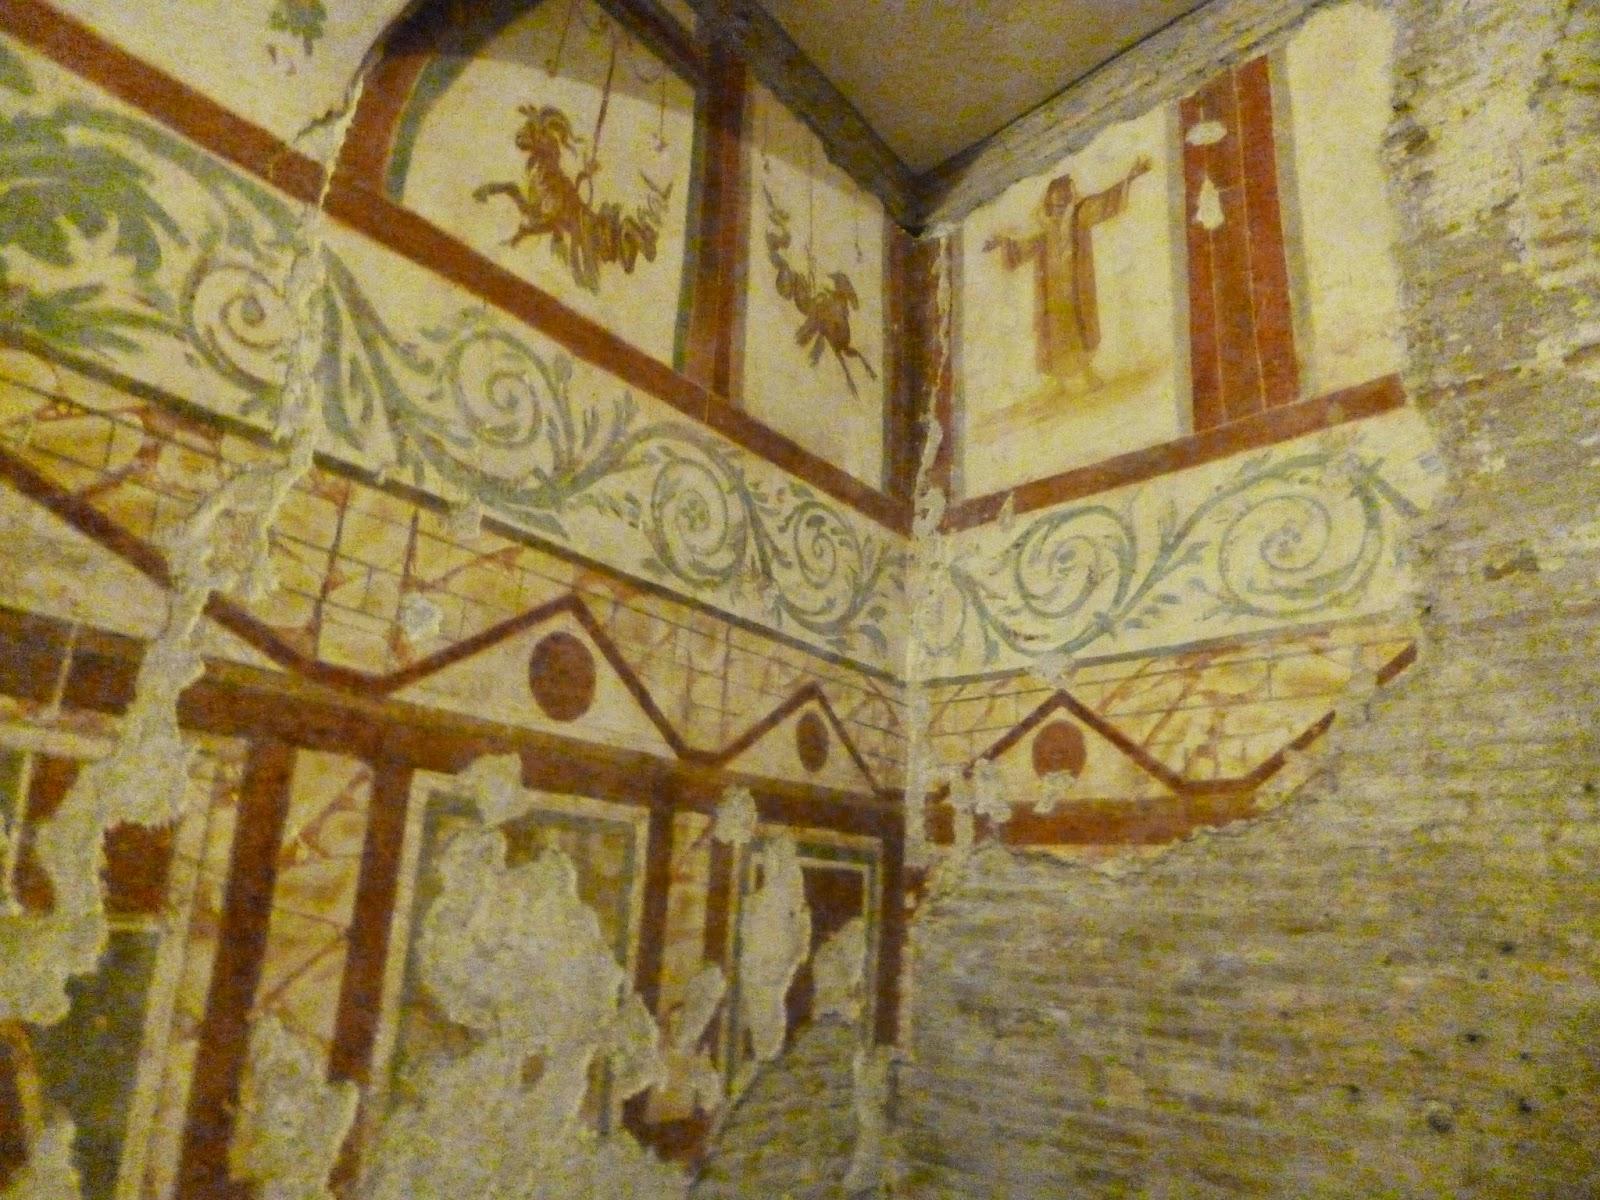 afresco casas romanas7 - Colina Celio, afrescos do período imperial